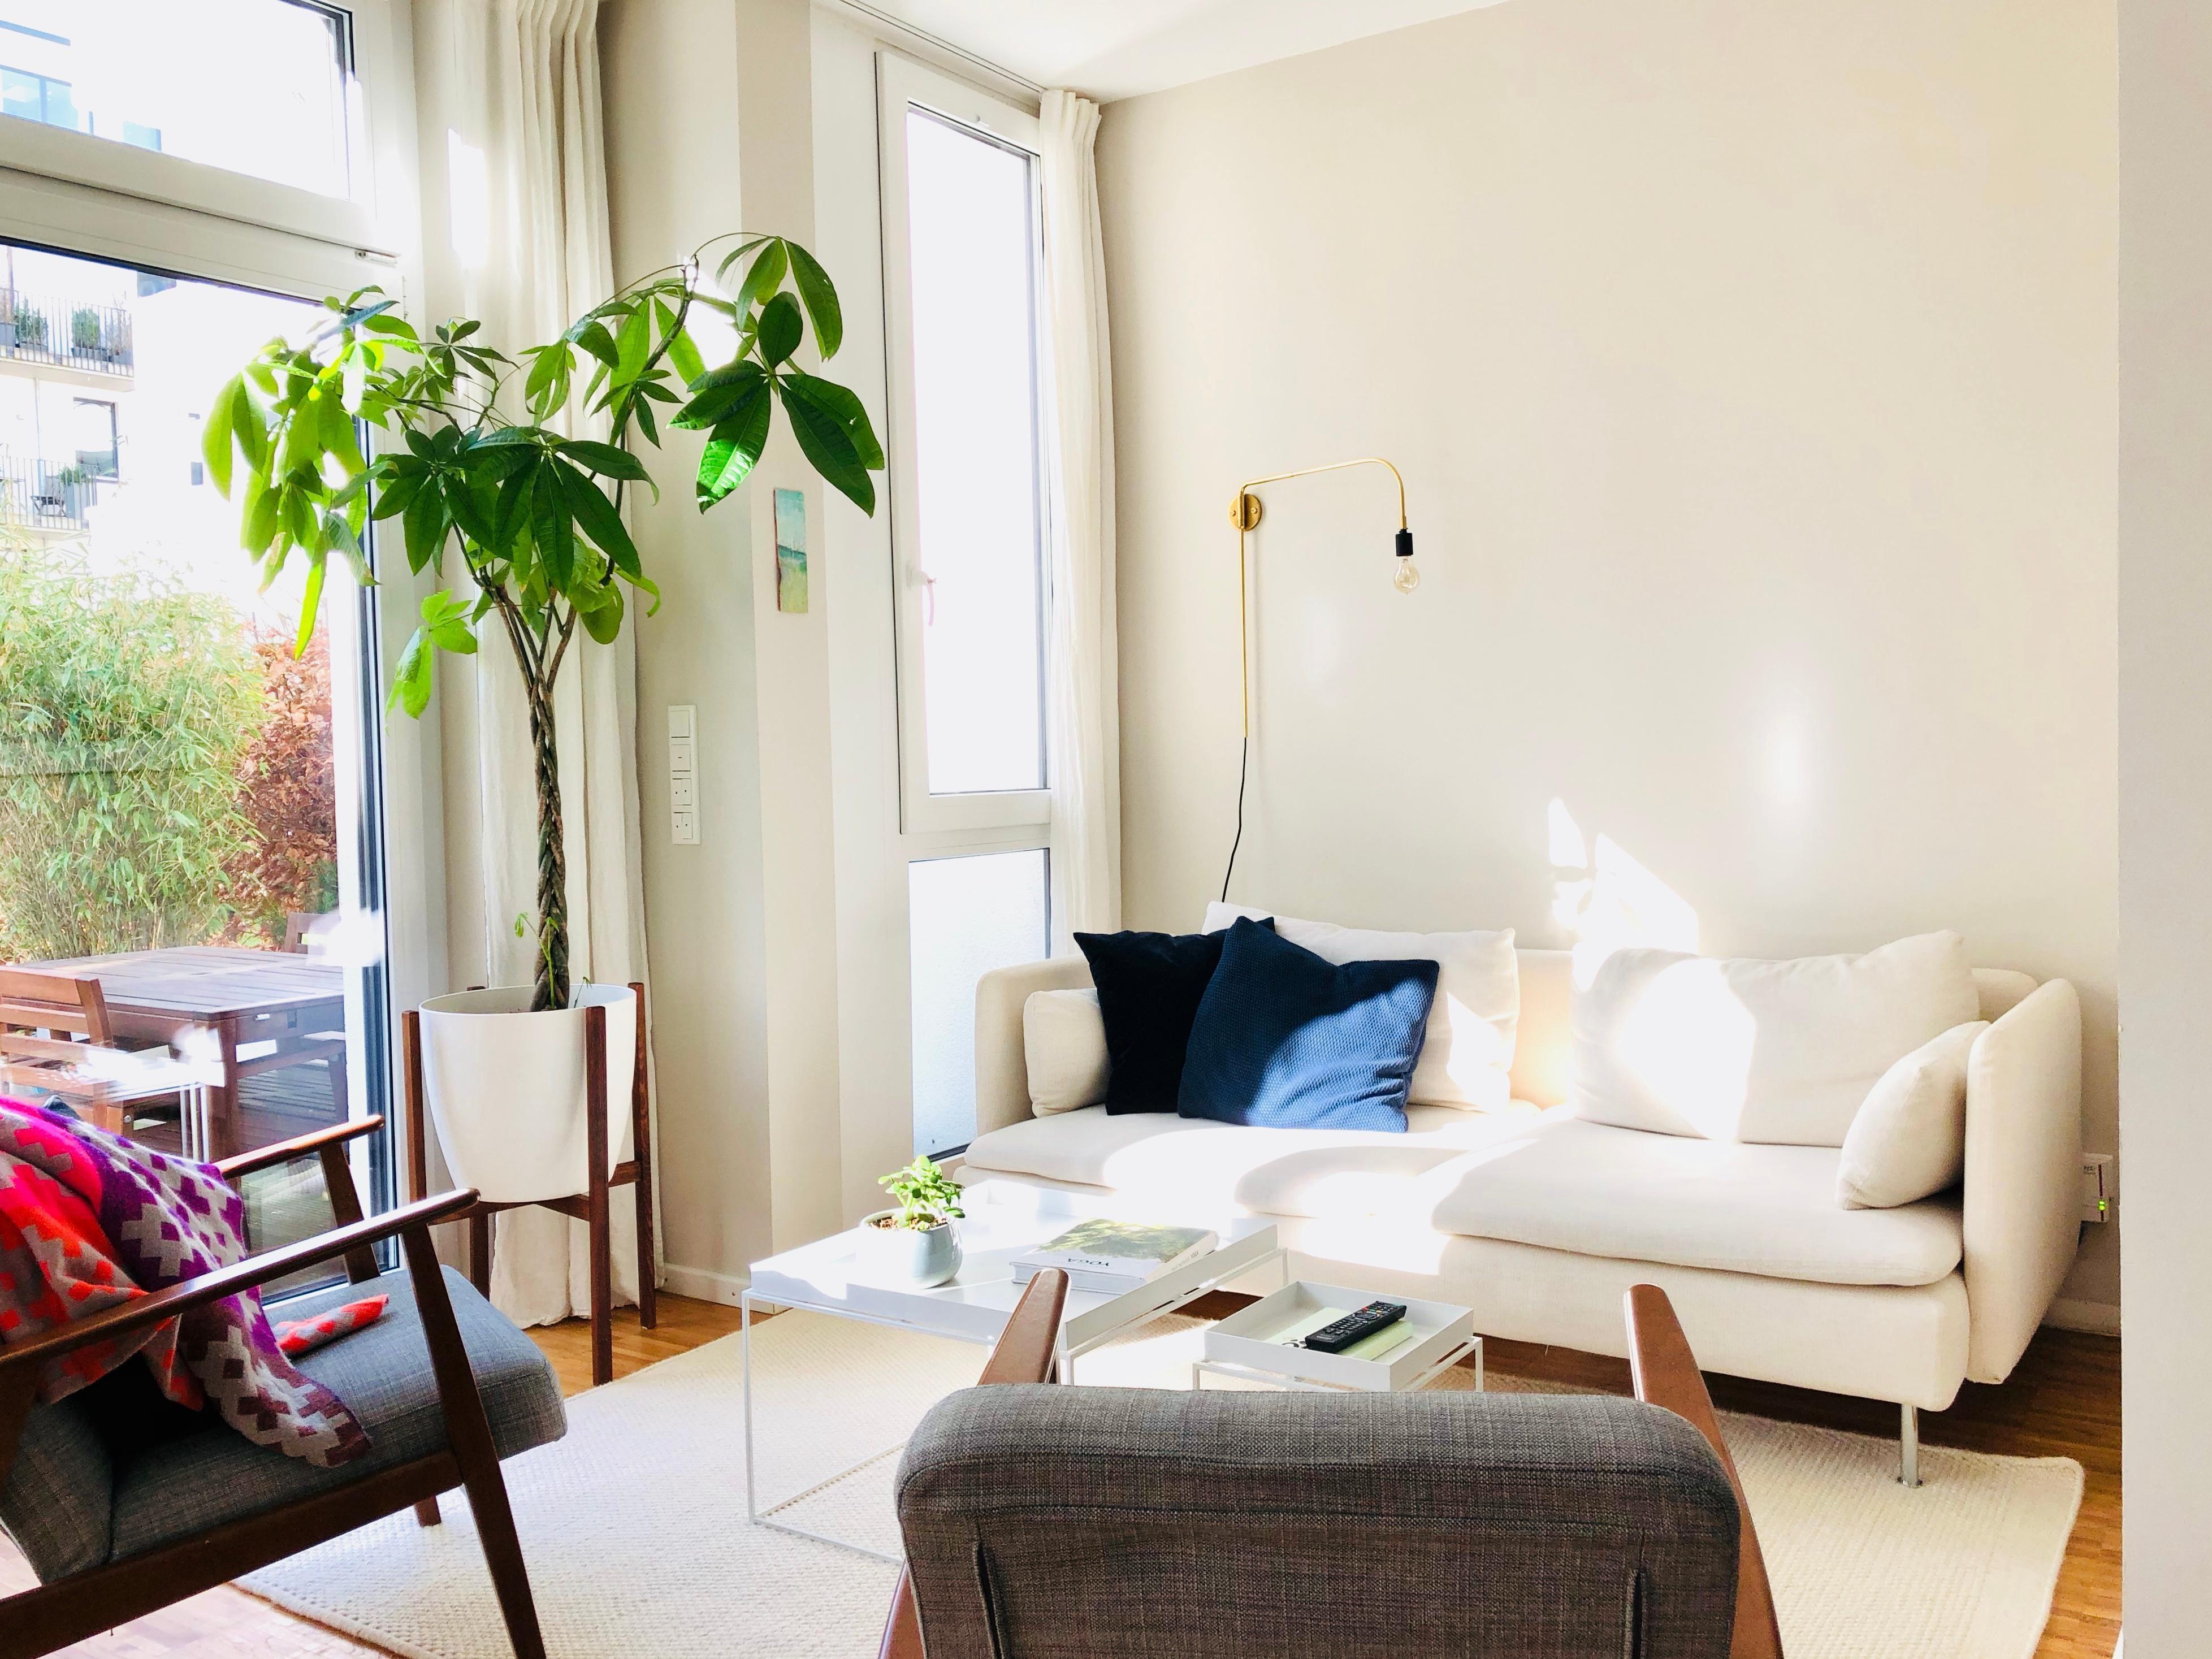 Wandgestaltung • Bilder & Ideen • Couchstyle